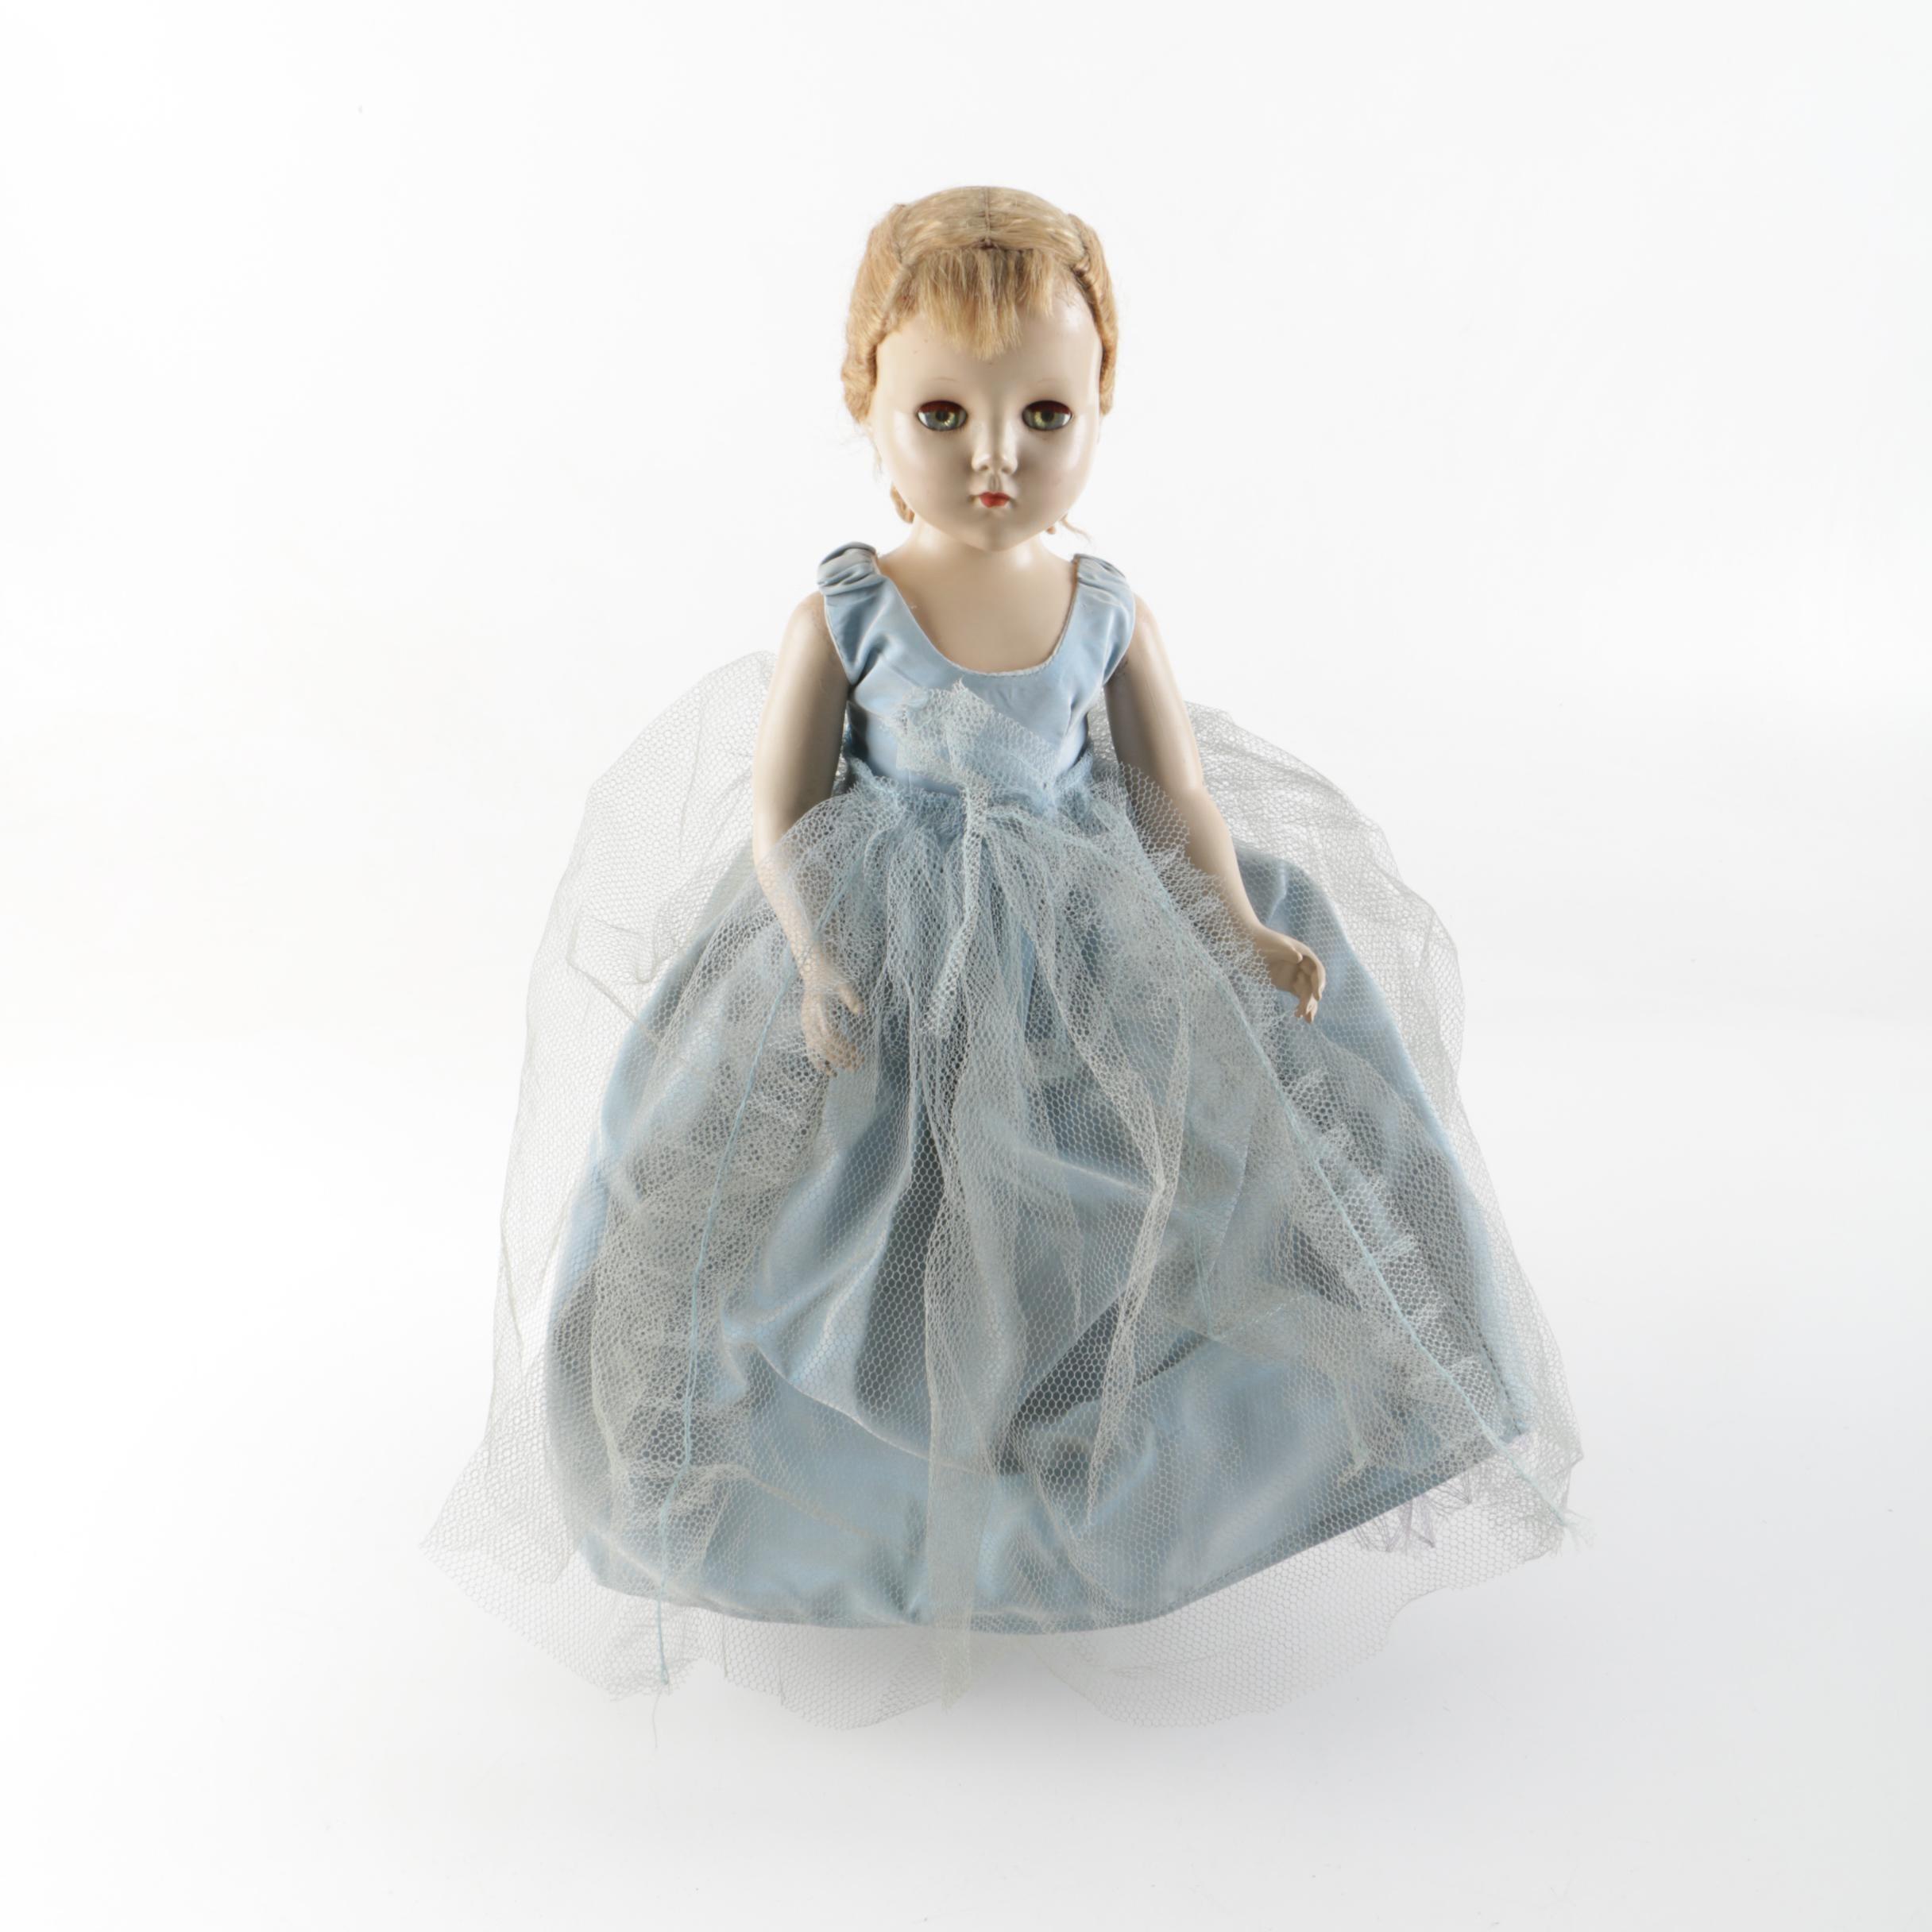 Circa 1950s Madame Alexander Style Composition Doll